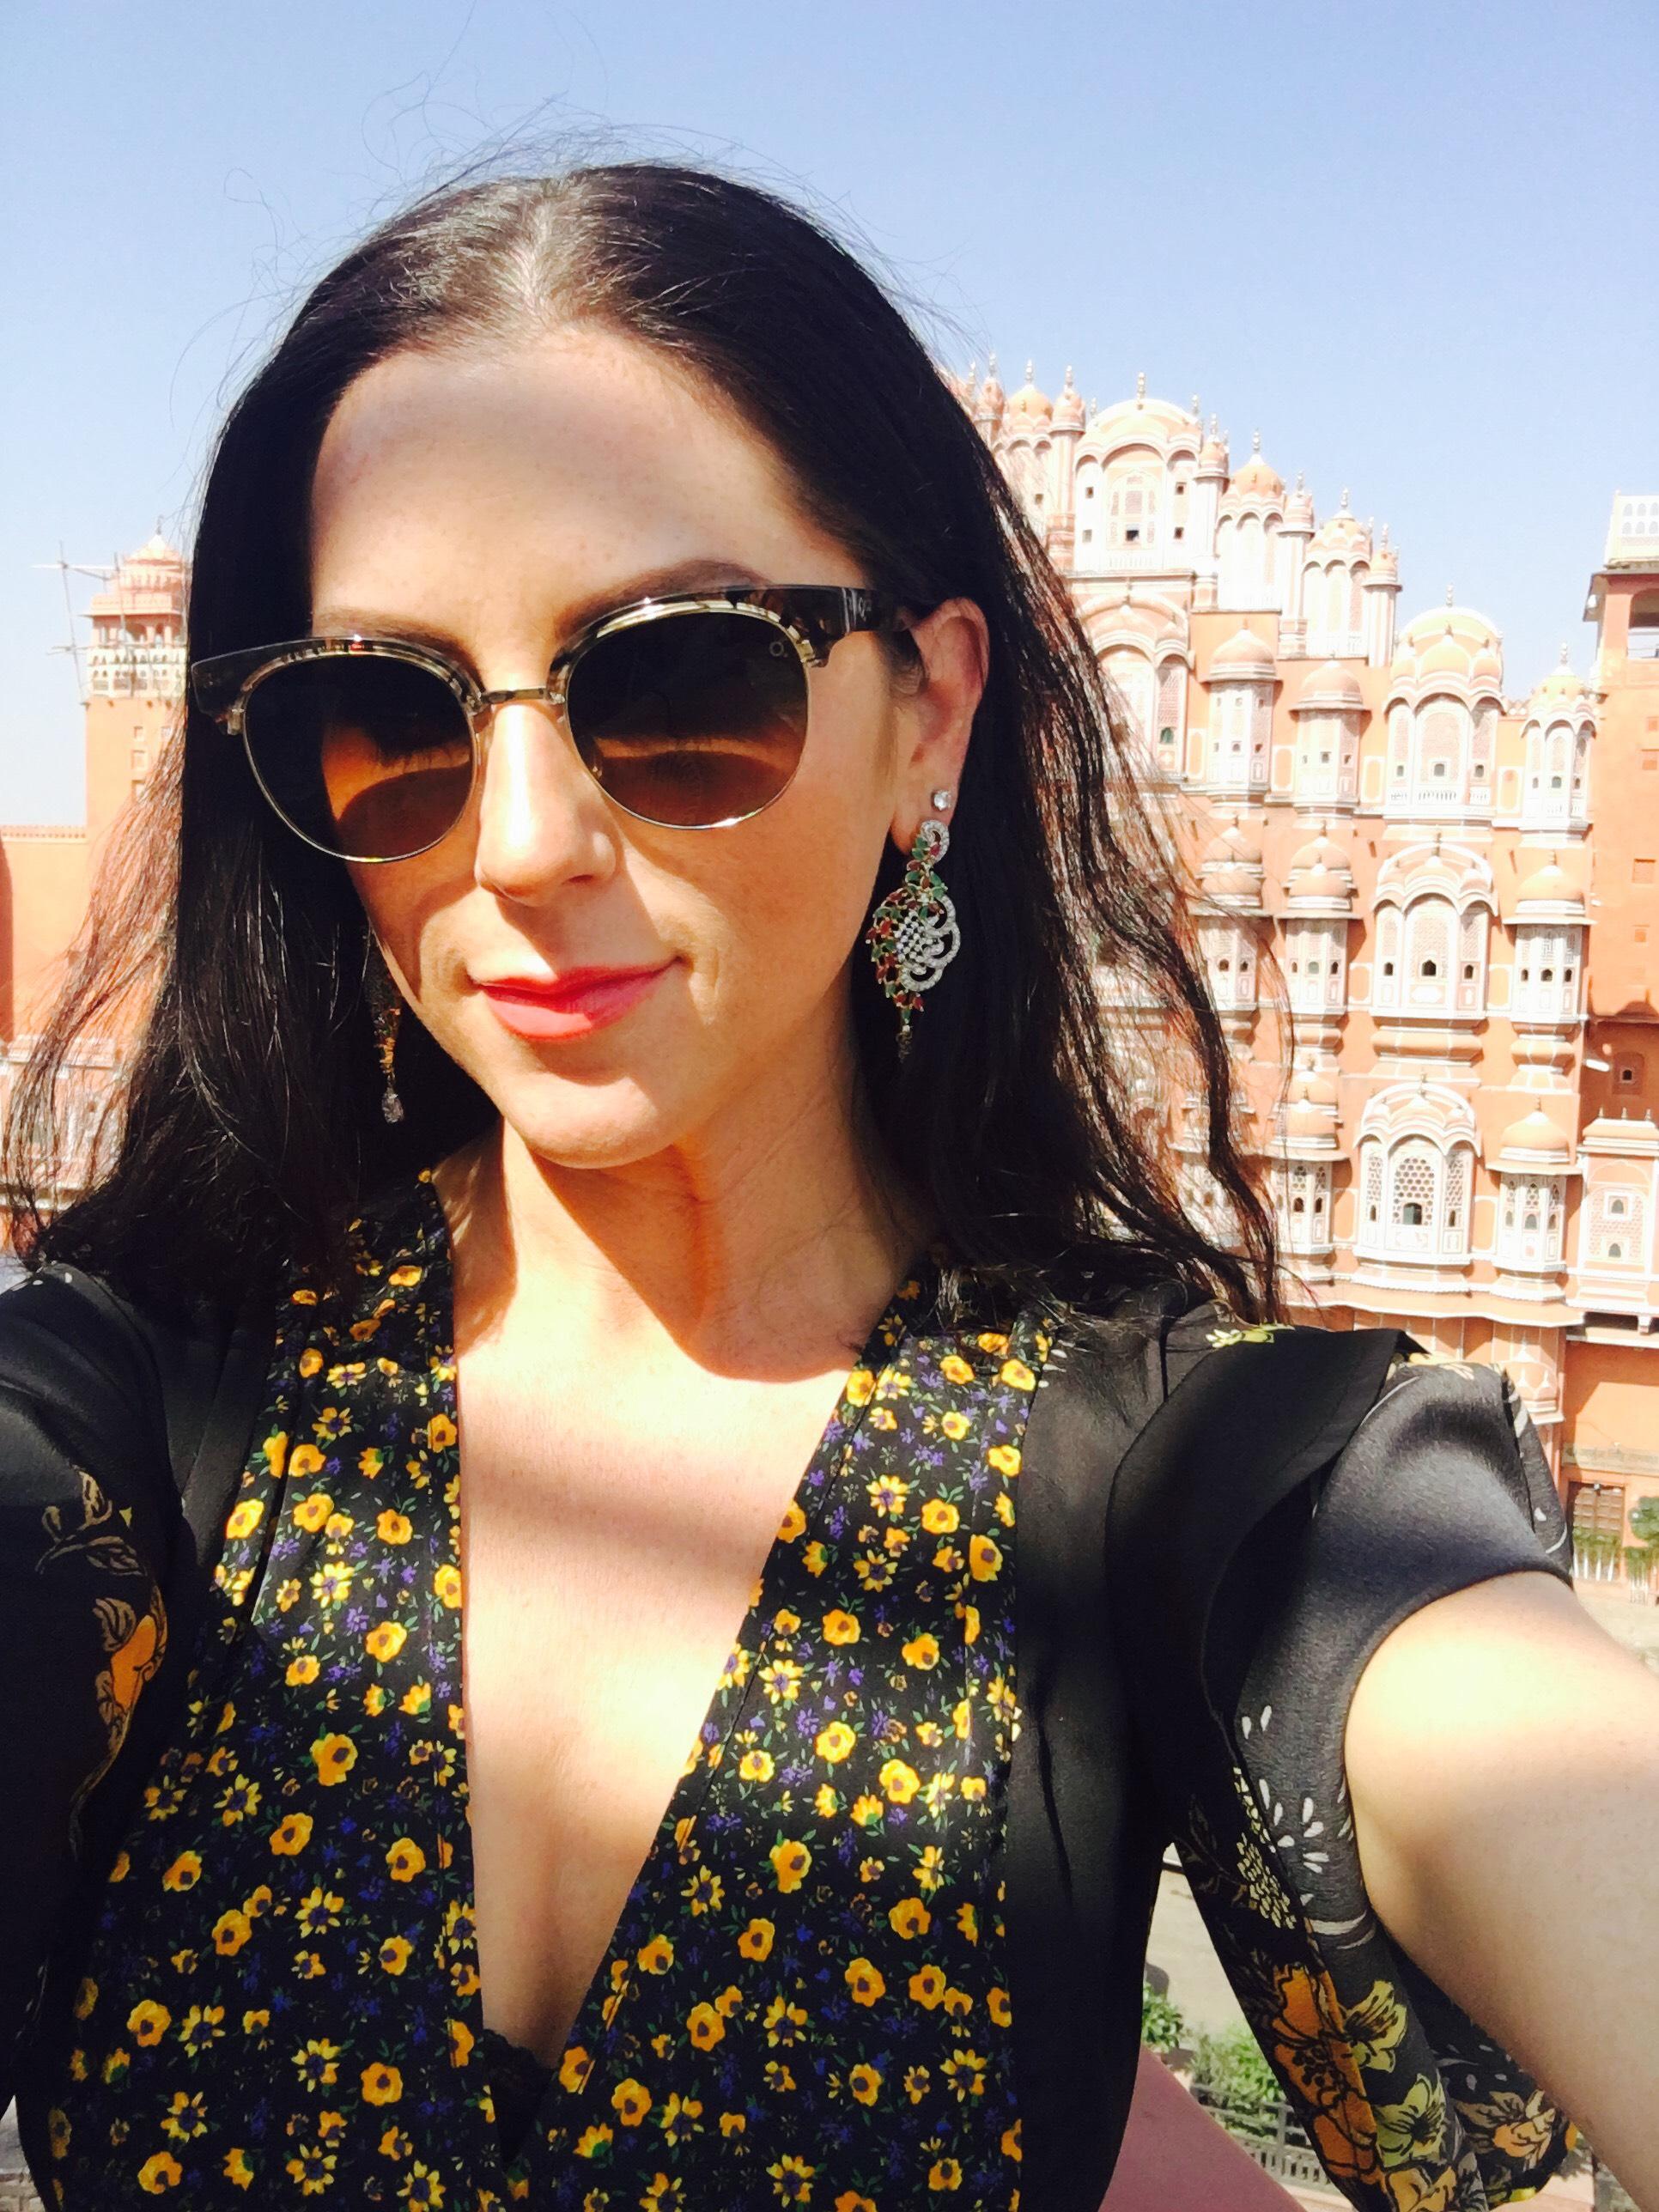 Wind Palace- Jaipur, India